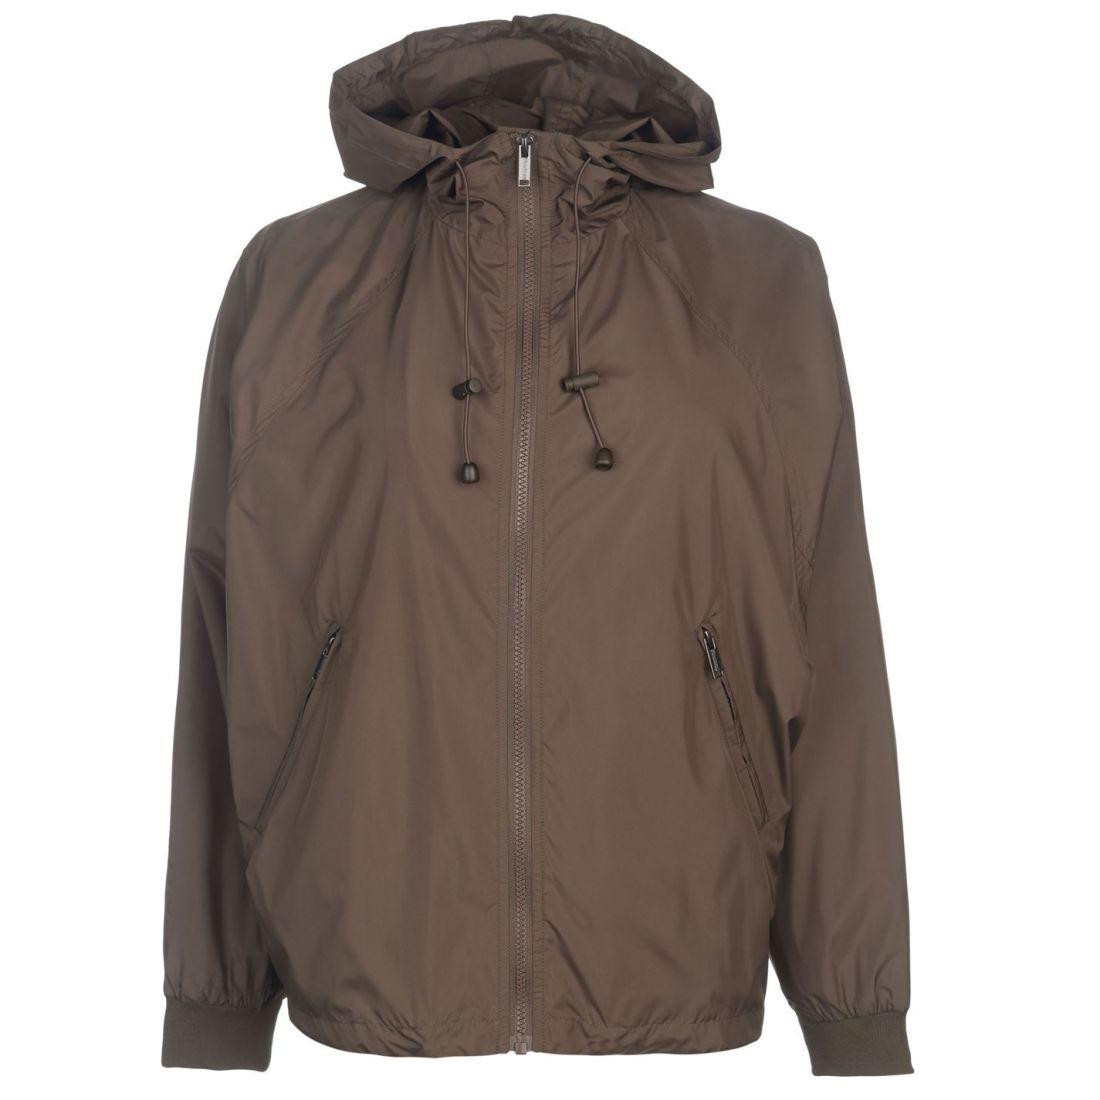 Details about Firetrap Womens Pac A Mac Jacket Shell Coat Top Long Sleeve  Lightweight Hooded a0bdebe9e946